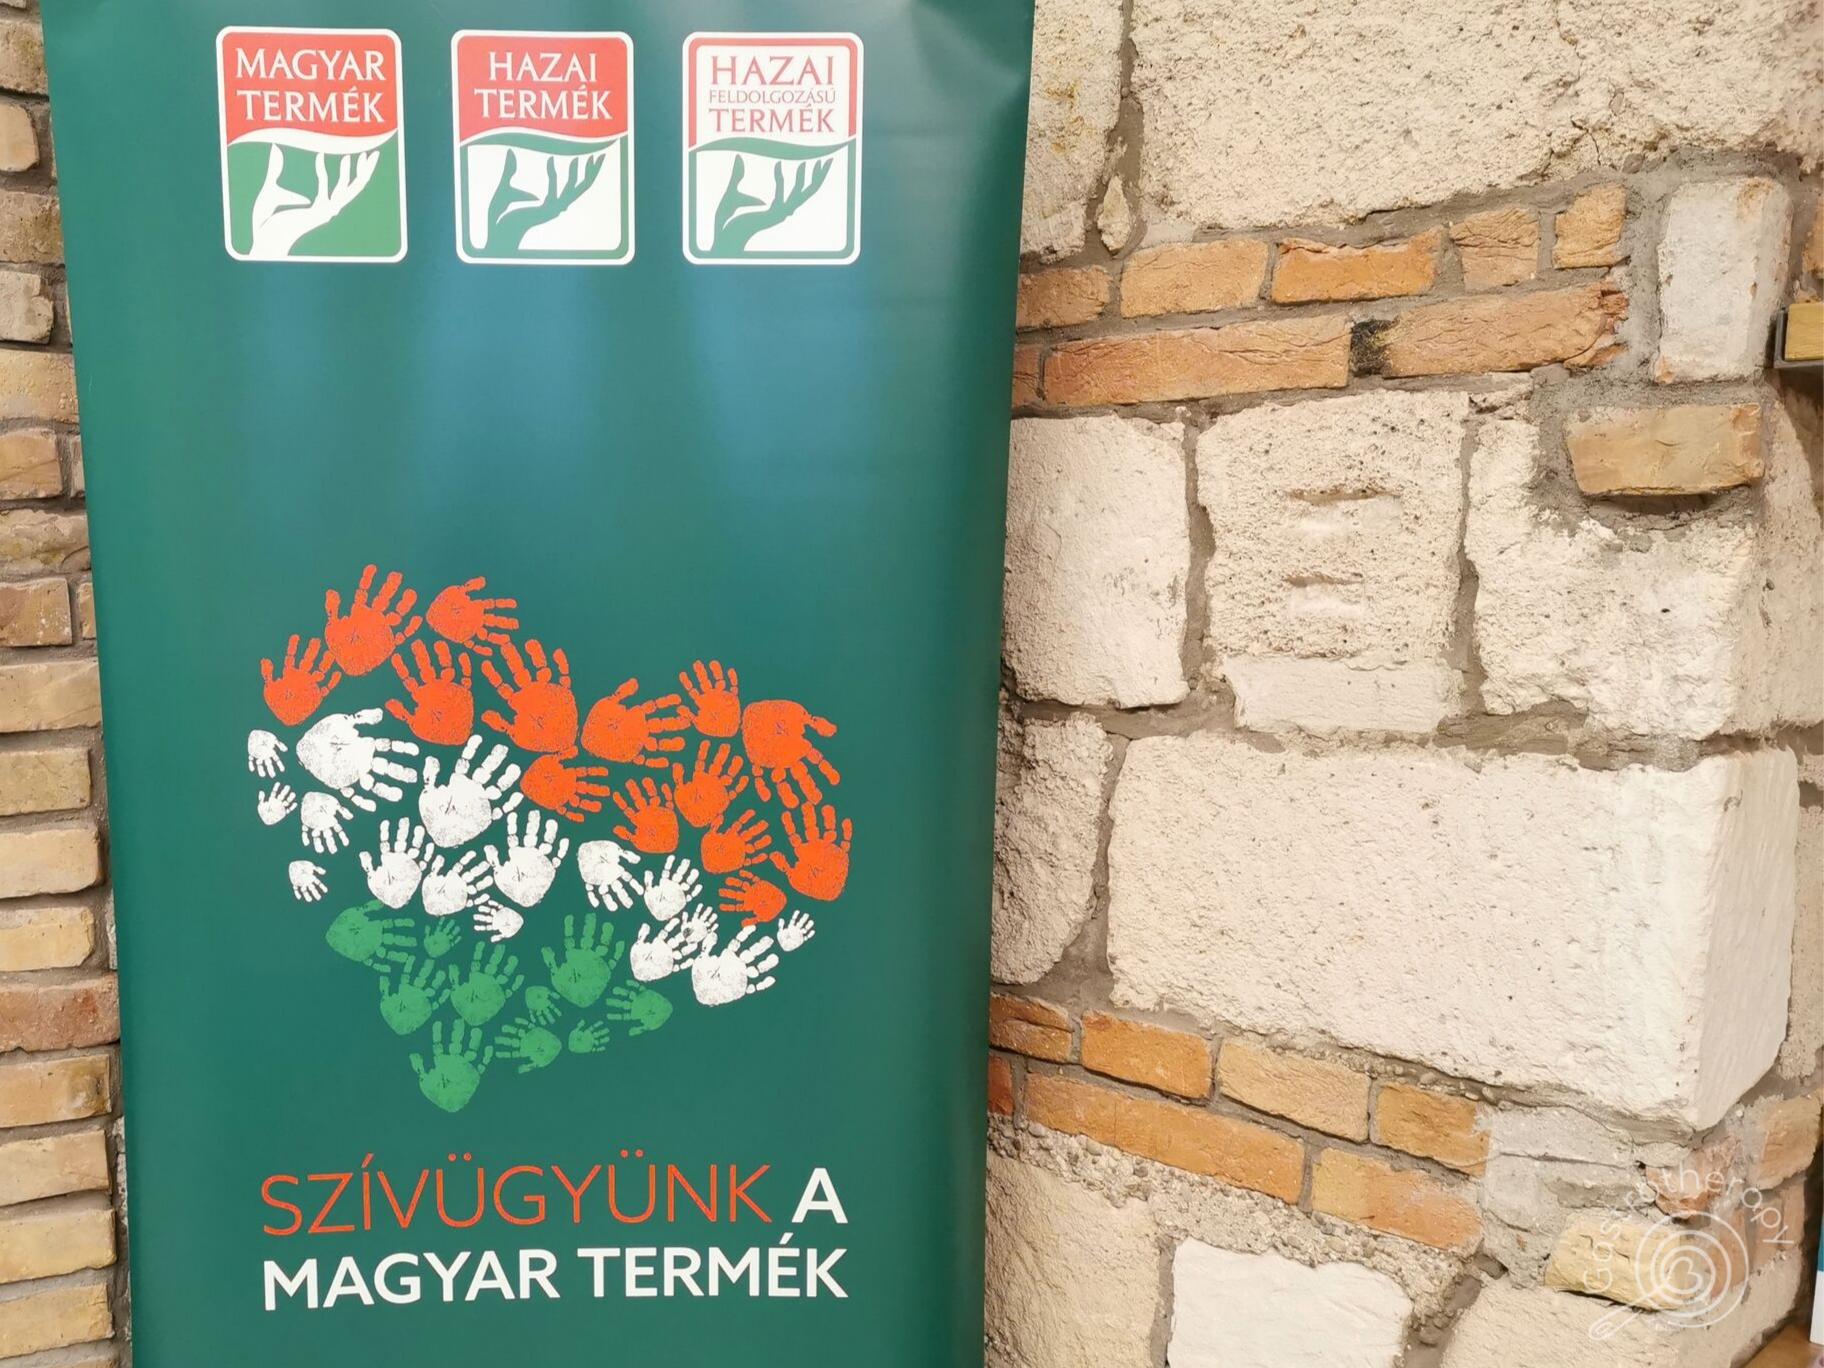 magyar_termek_uj_vedjegyek_2.png